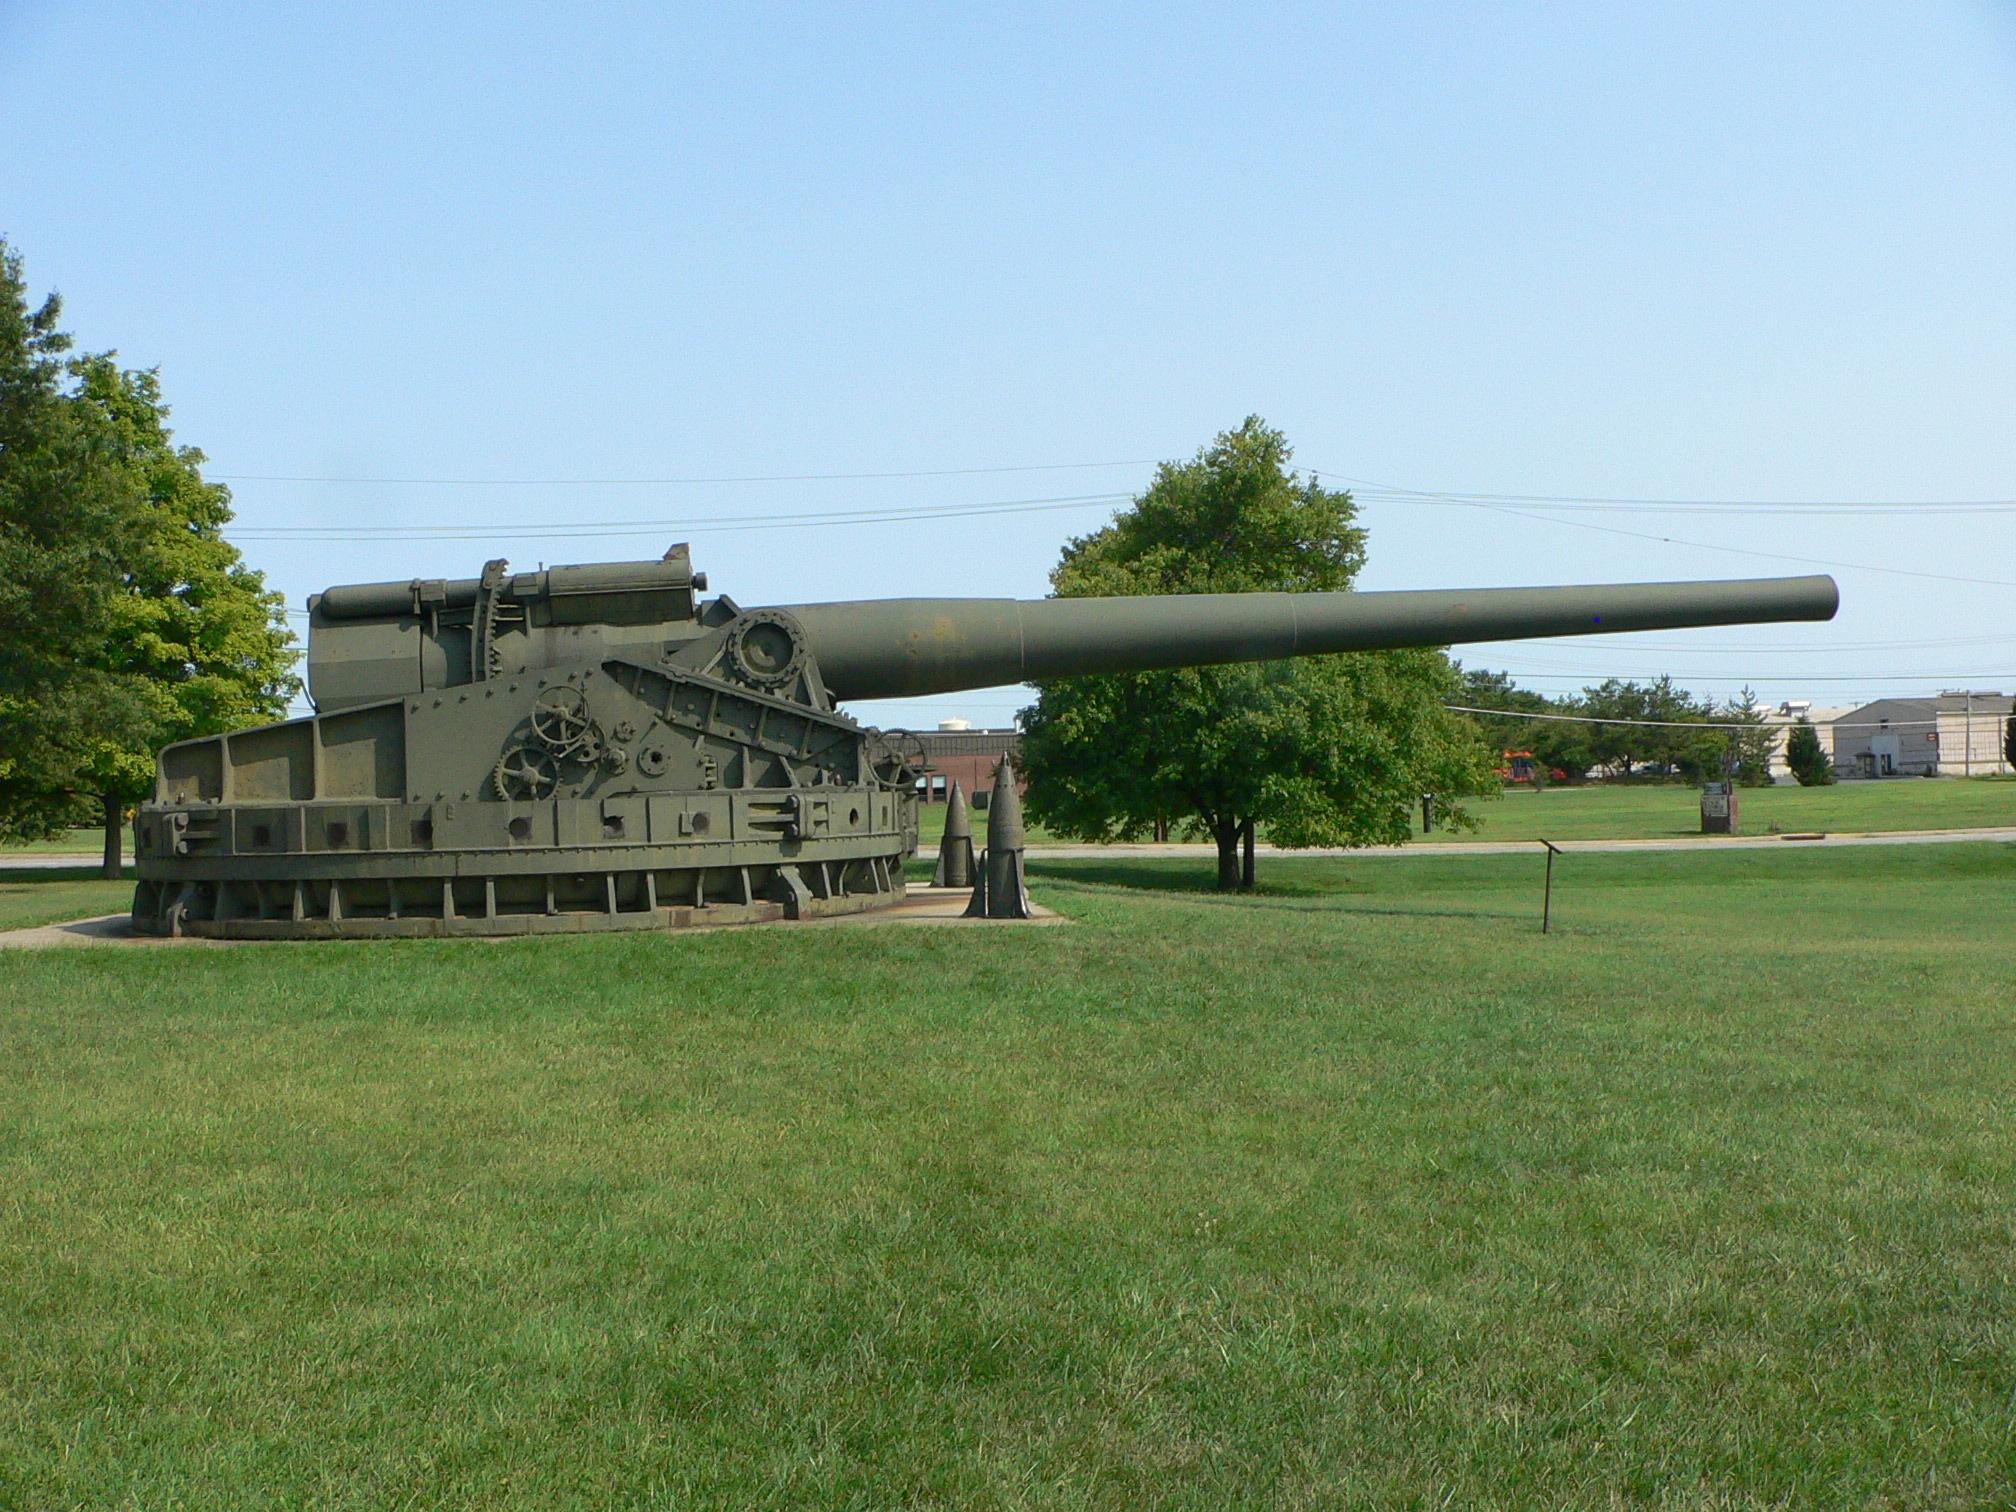 الدفاع الساحلي.... Mark_III_16_inch_coastal_defense_gun2